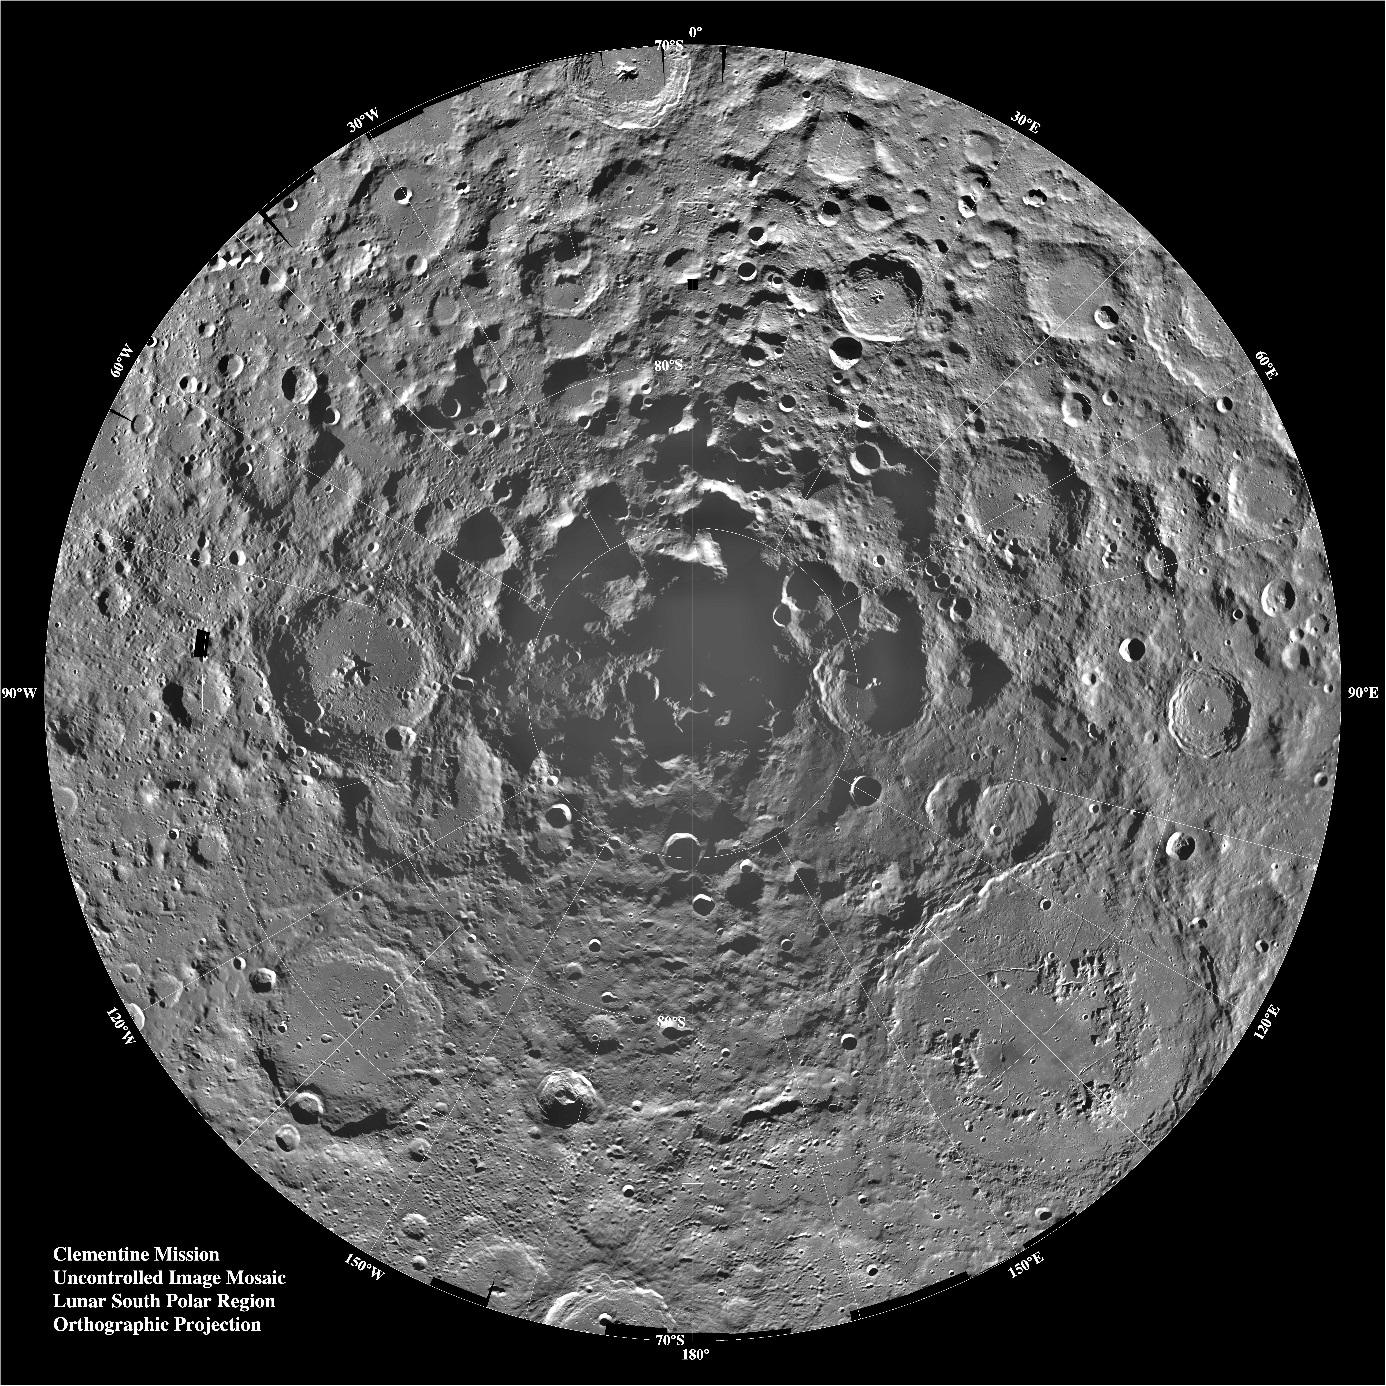 Jižní pól Měsíce z pohledu sondy Clementine (NASA).